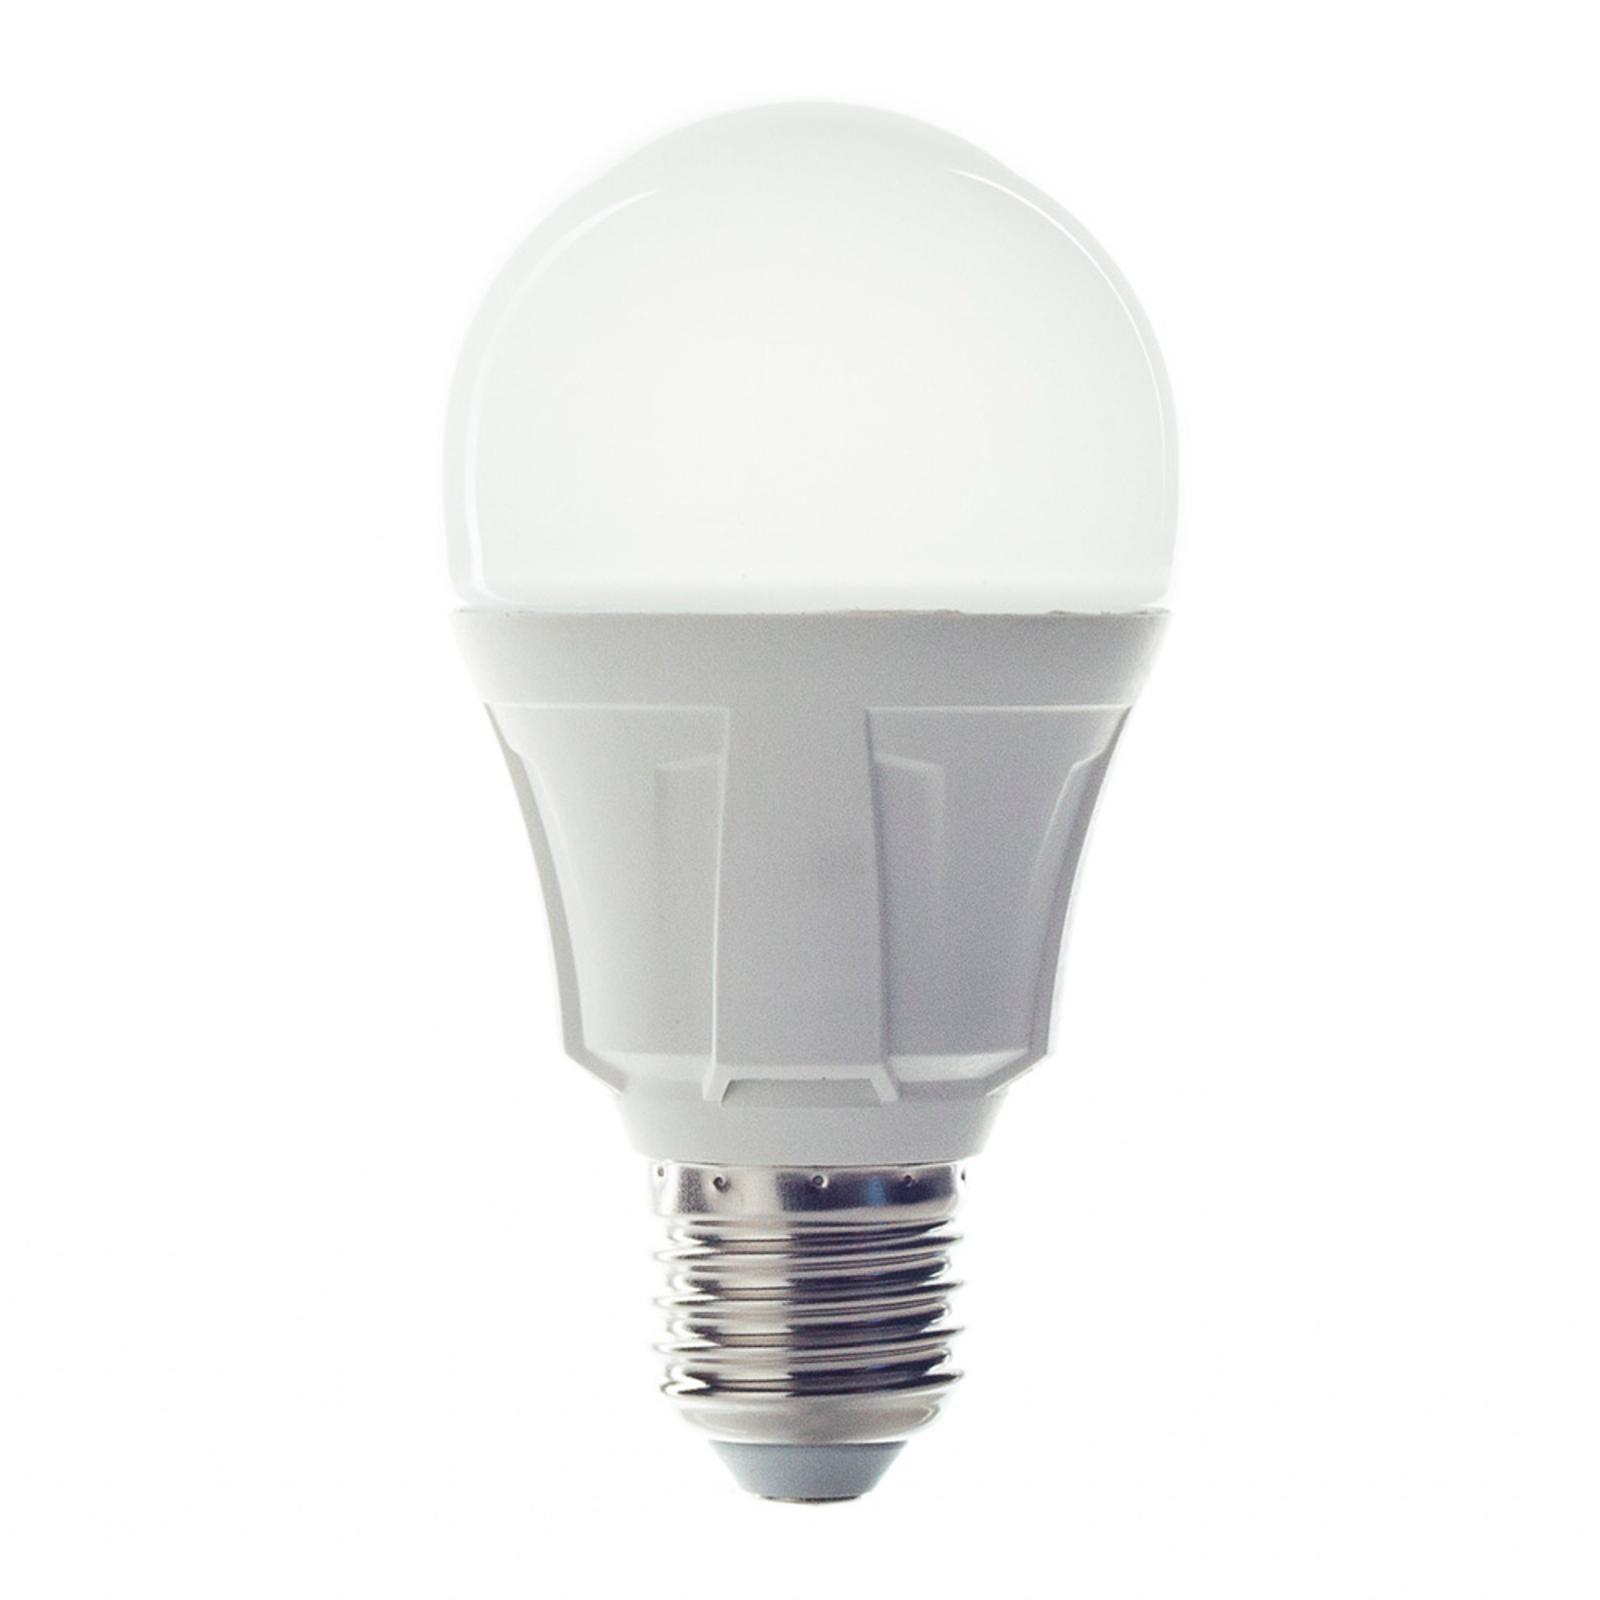 E27 11W 830 lampadina LED, bianco caldo